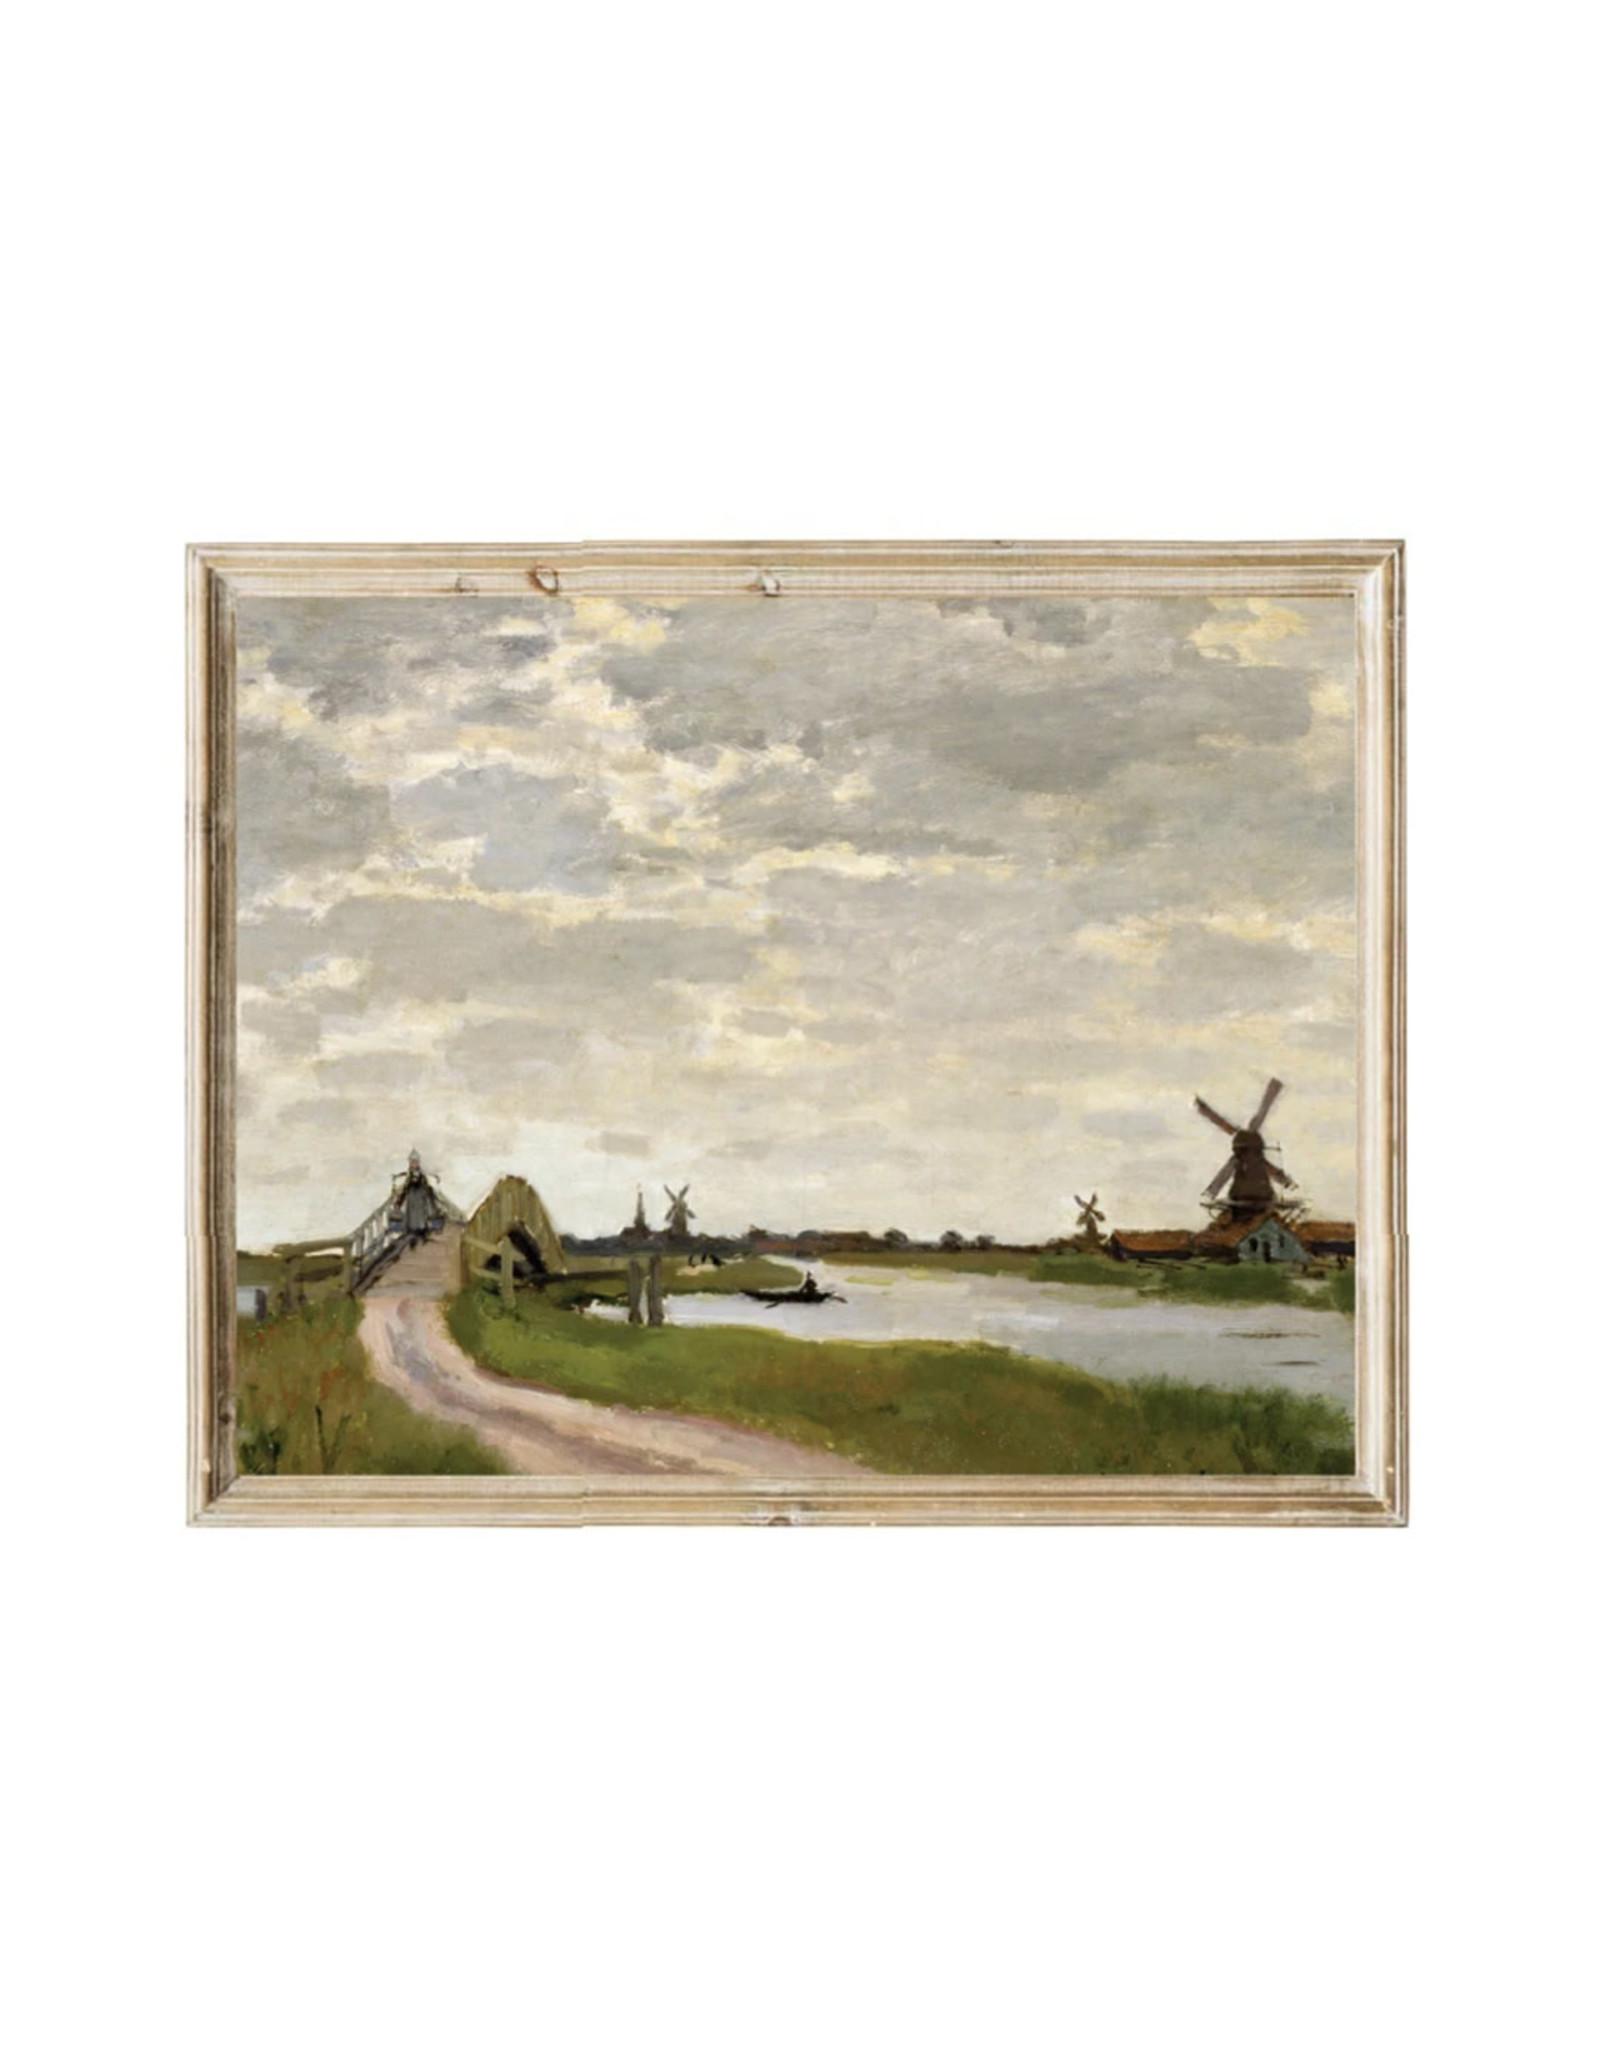 Vintage Print - Farm View